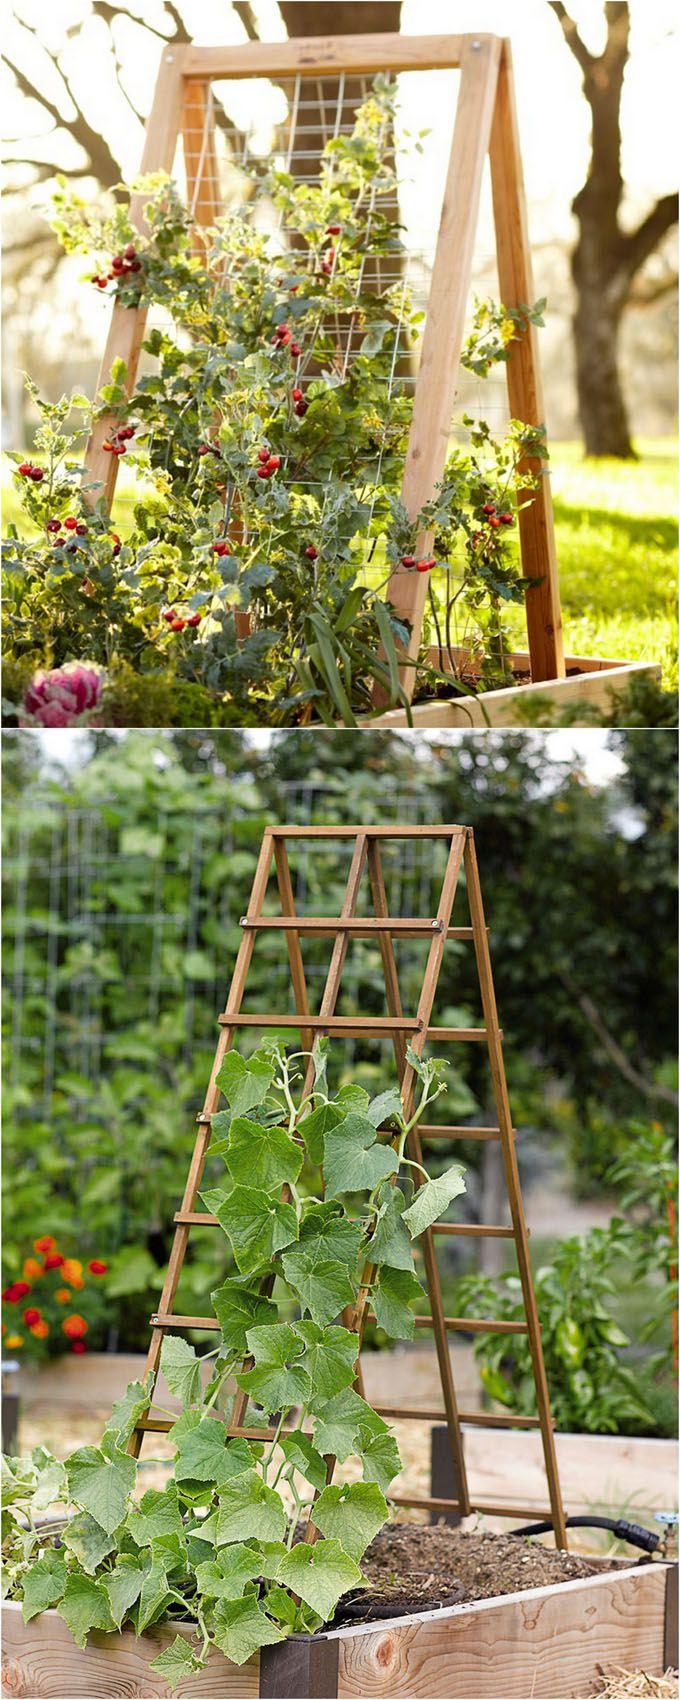 21 Easy DIY Garden Trellis Ideas U0026 Vertical Growing Structures